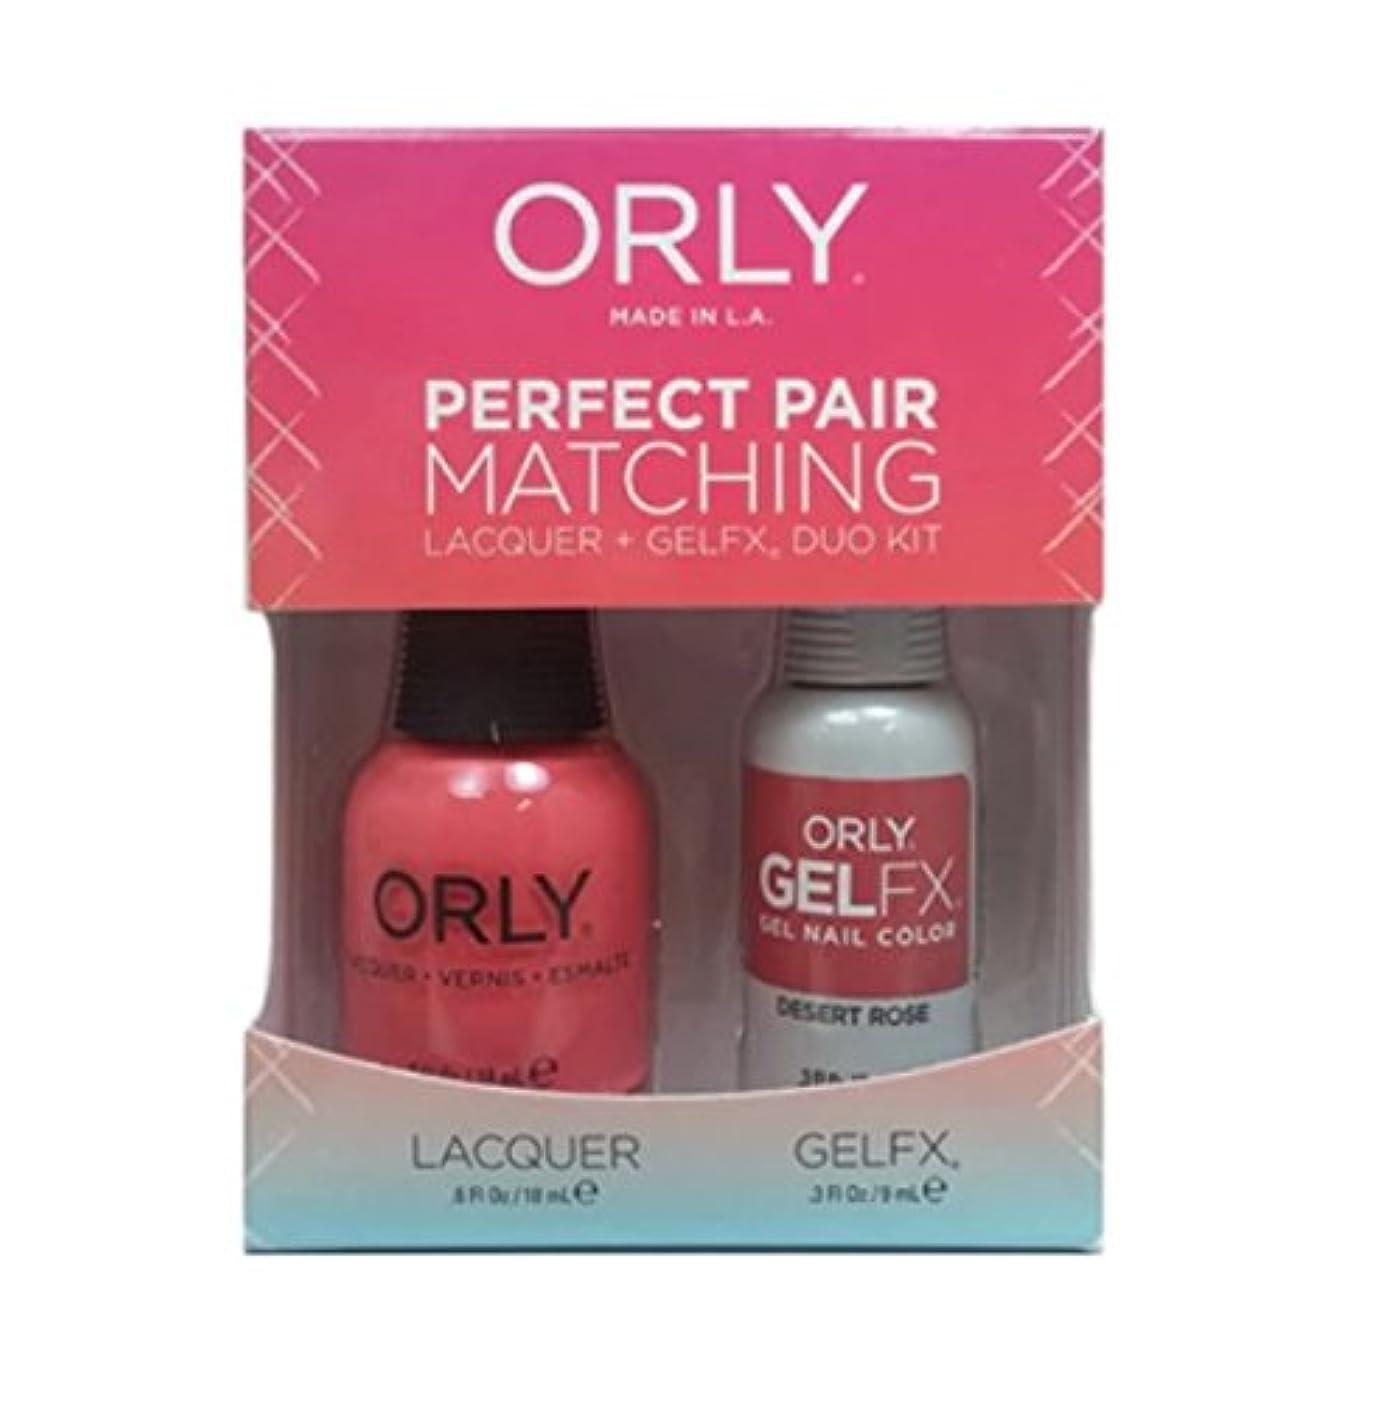 バケット租界誕生日Orly - Perfect Pair Matching Lacquer+Gel FX Kit - Desert Rose - 0.6 oz / 0.3 oz